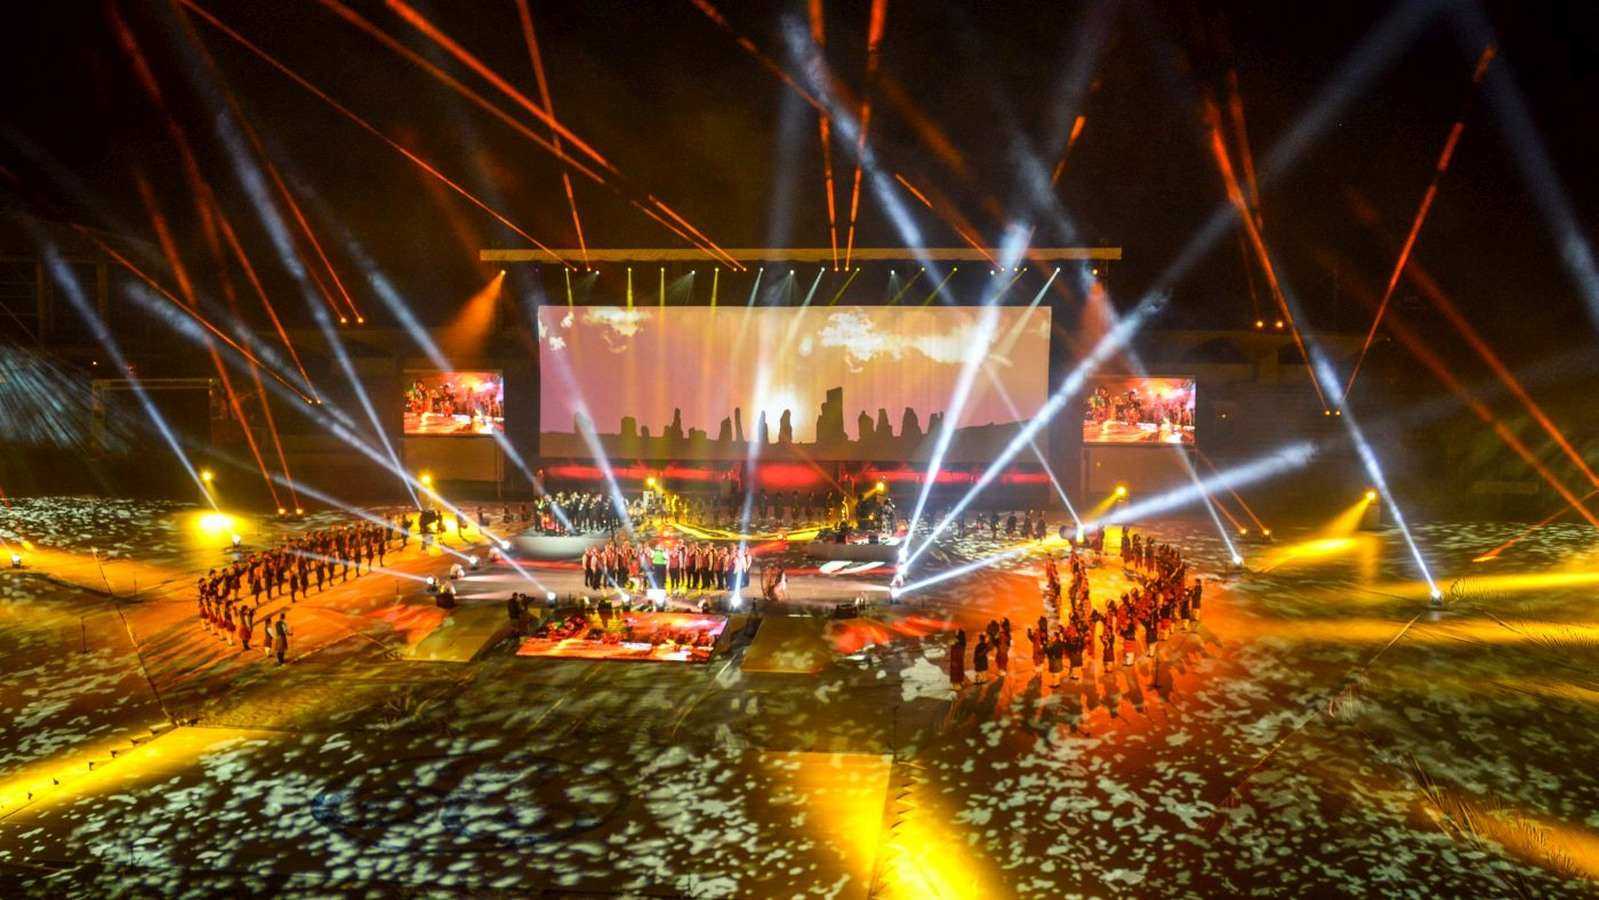 Anulado definitivamente el Festival Intercéltico de Lorient 2020. Se pasa al 6-15 de Agosto 2021